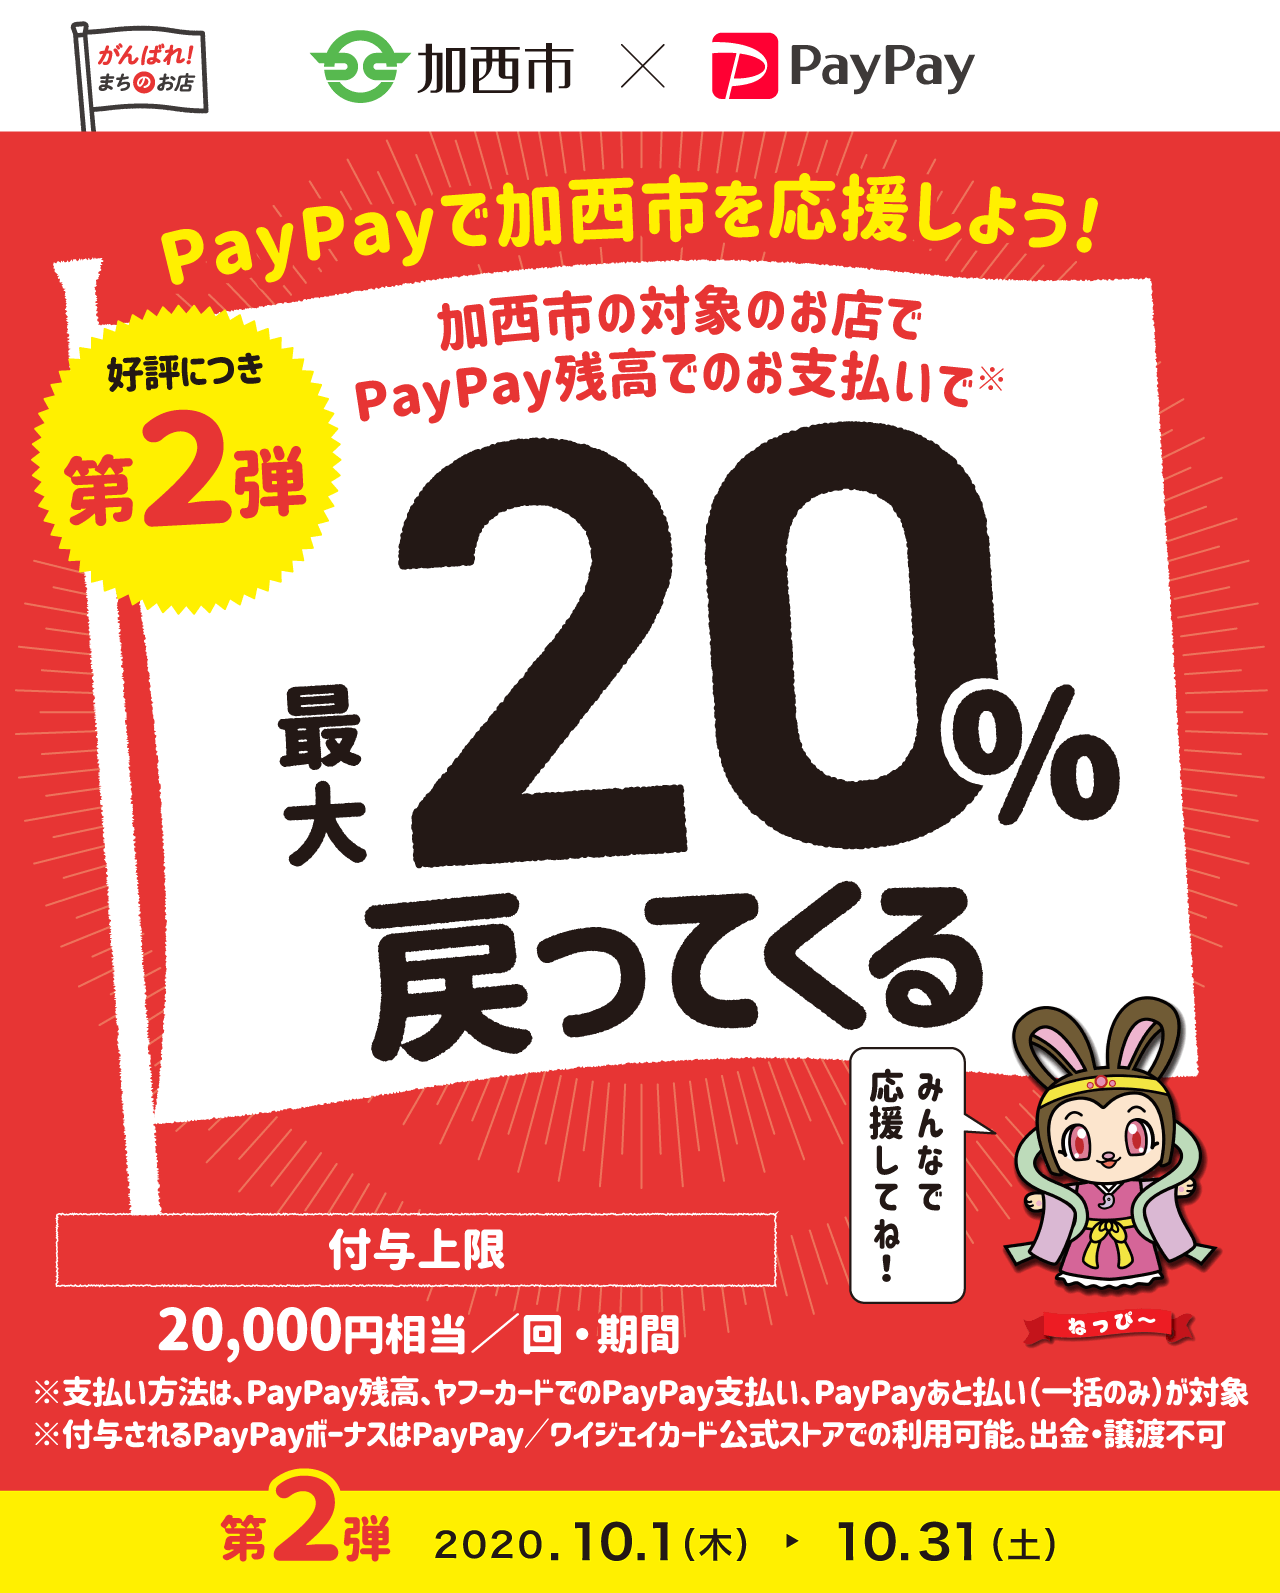 PayPayで加西市を応援しよう! 好評につき第2弾 加西市の対象のお店でPayPay残高でのお支払いで最大20%戻ってくる